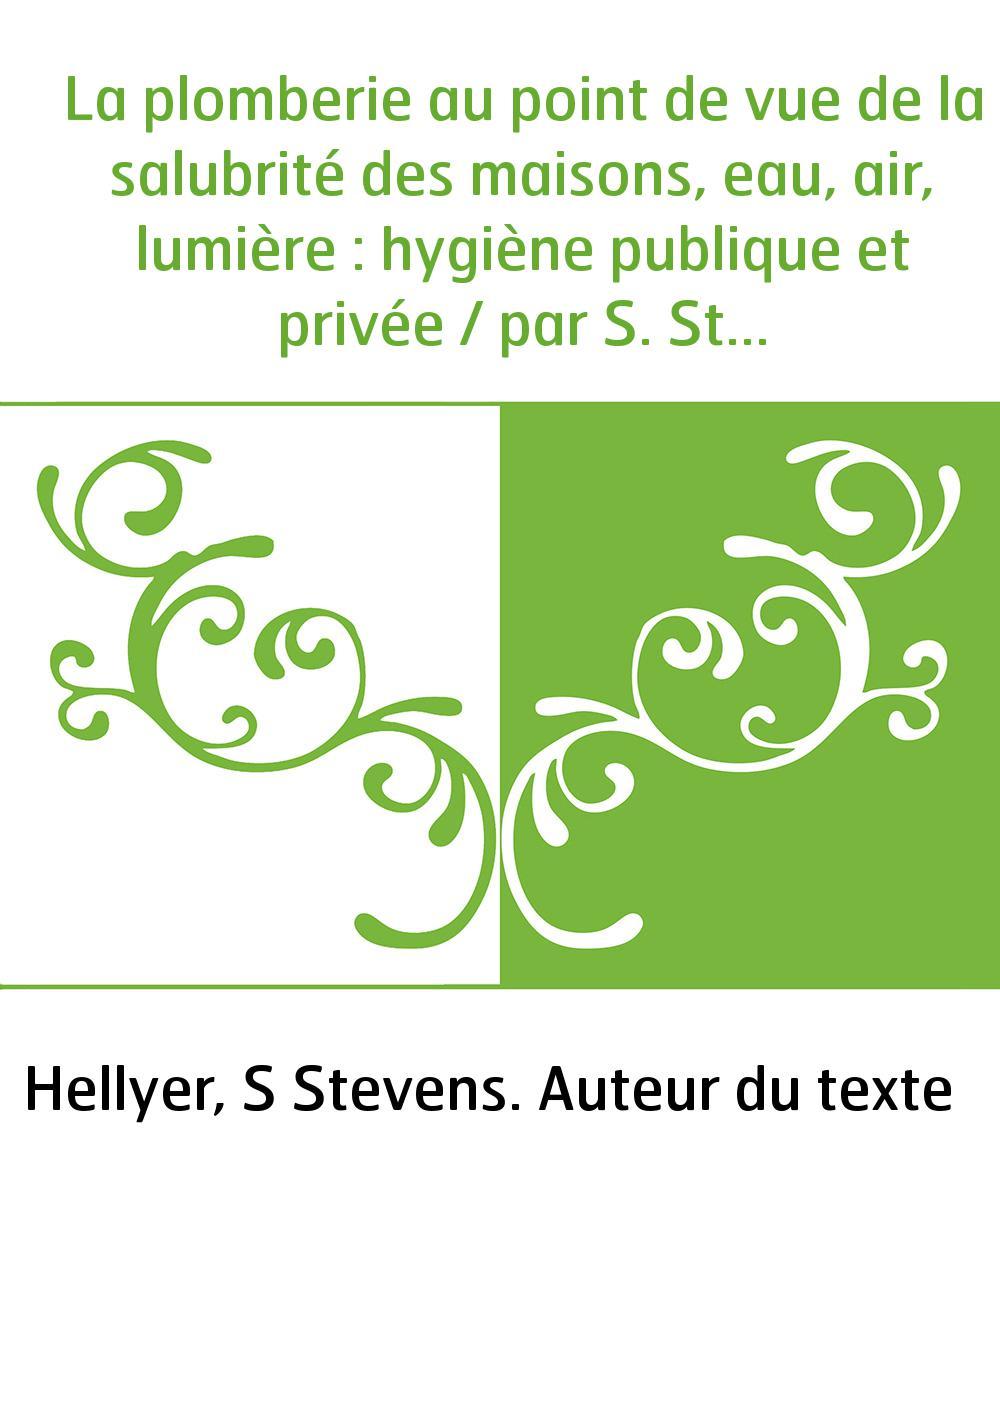 La plomberie au point de vue de la salubrité des maisons, eau, air, lumière : hygiène publique et privée / par S. Stevens Hellye